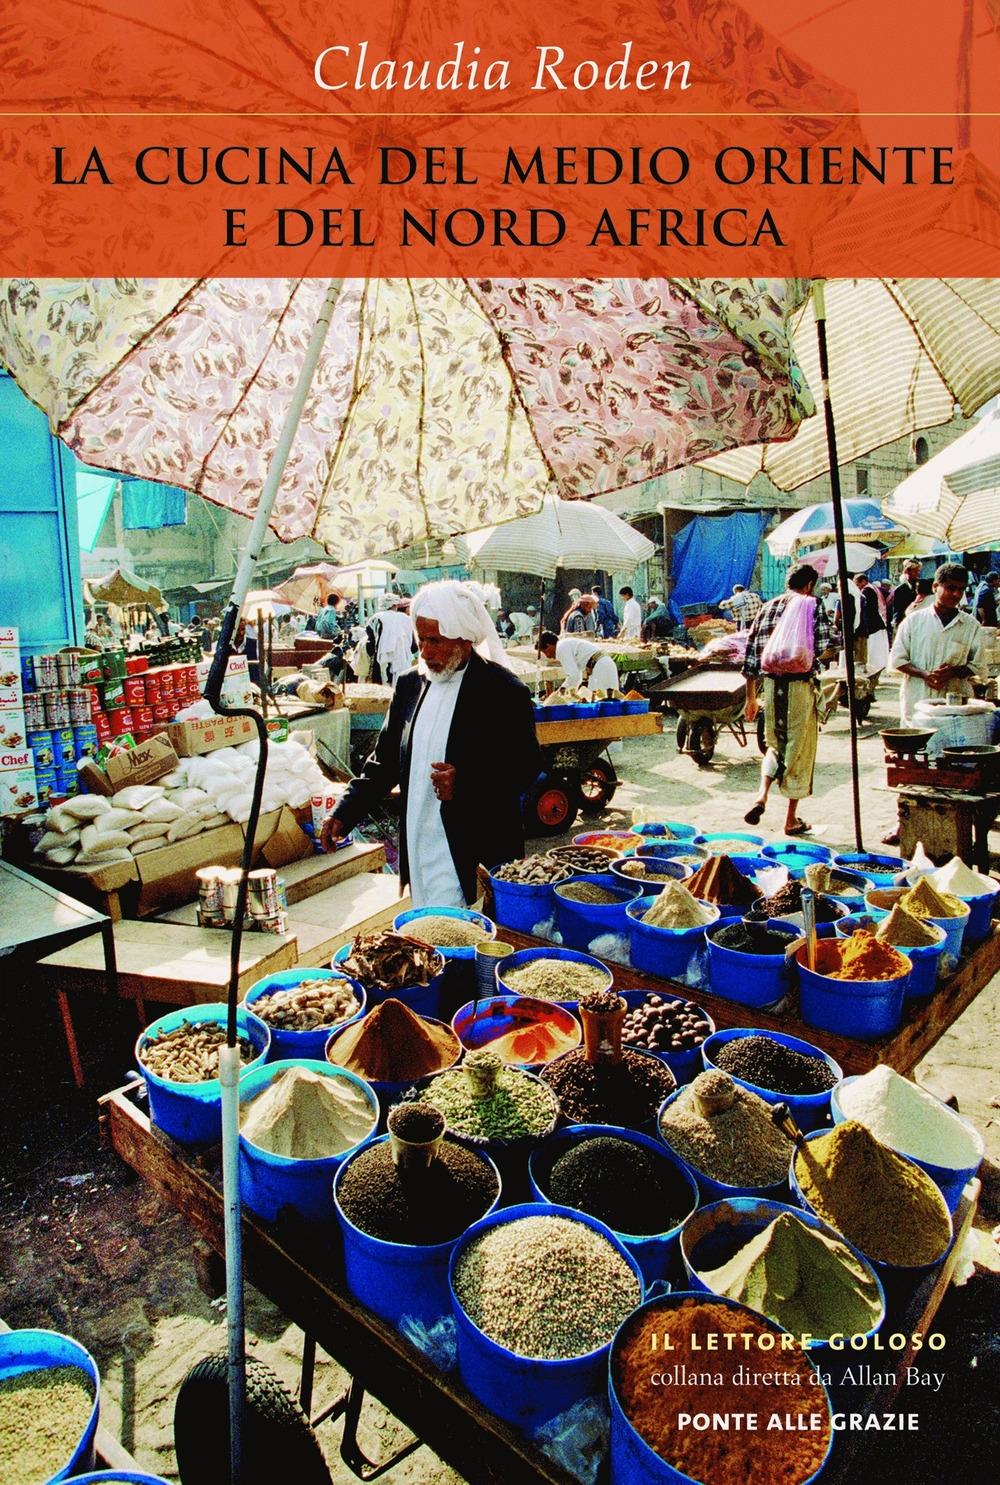 La Cucina Del Medio Oriente E Del Nord Africa